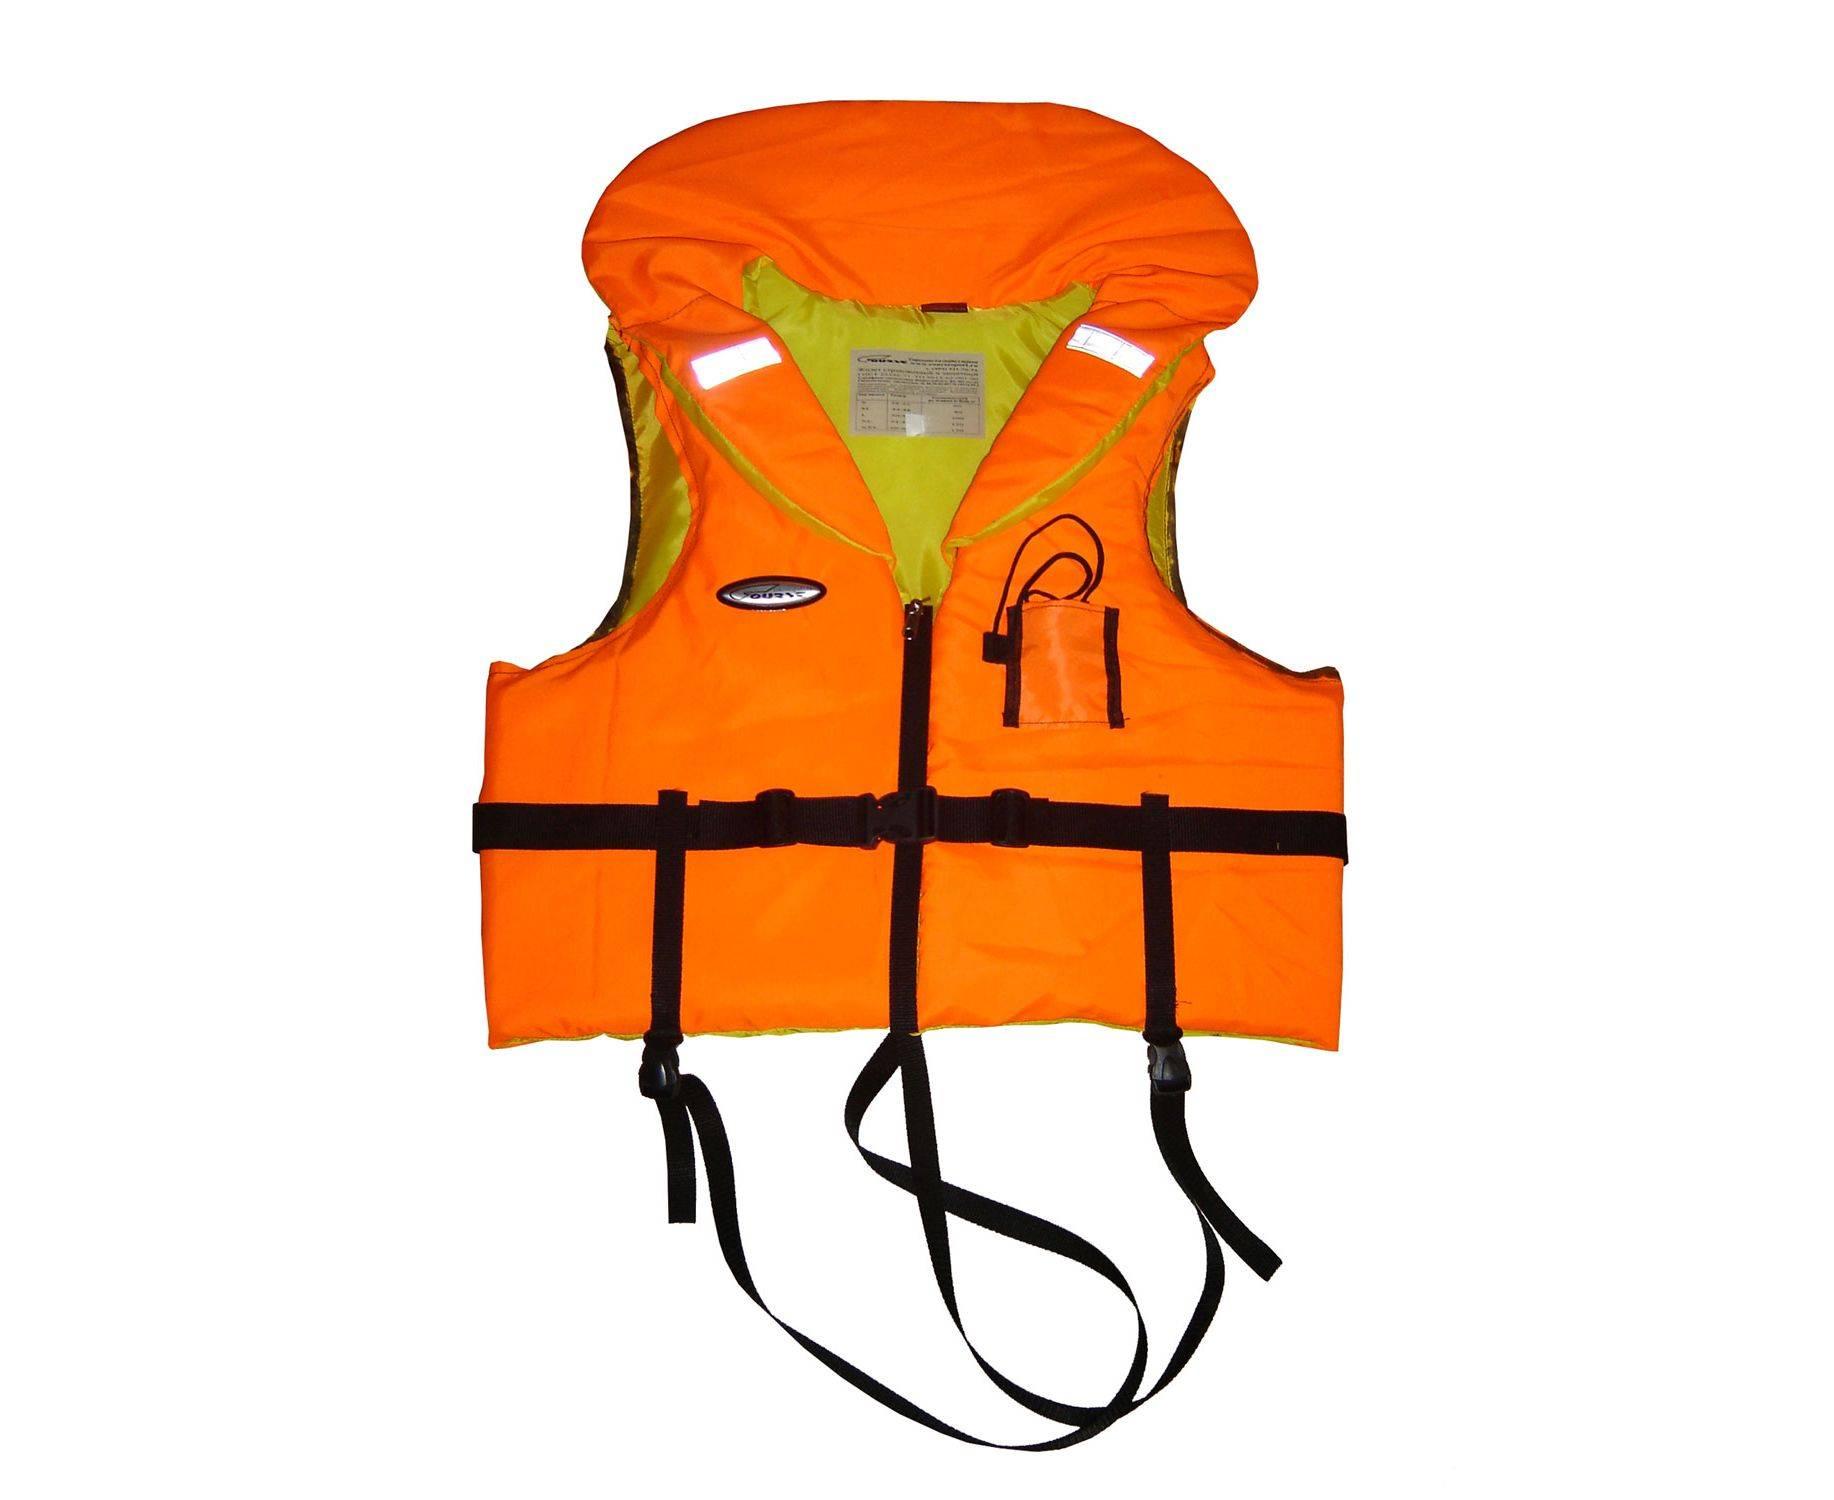 Спасательный жилет детский до 50 кг / спасательные средства / экипировка и снаряжение / каталог товаров / рыболов-оружейный дом